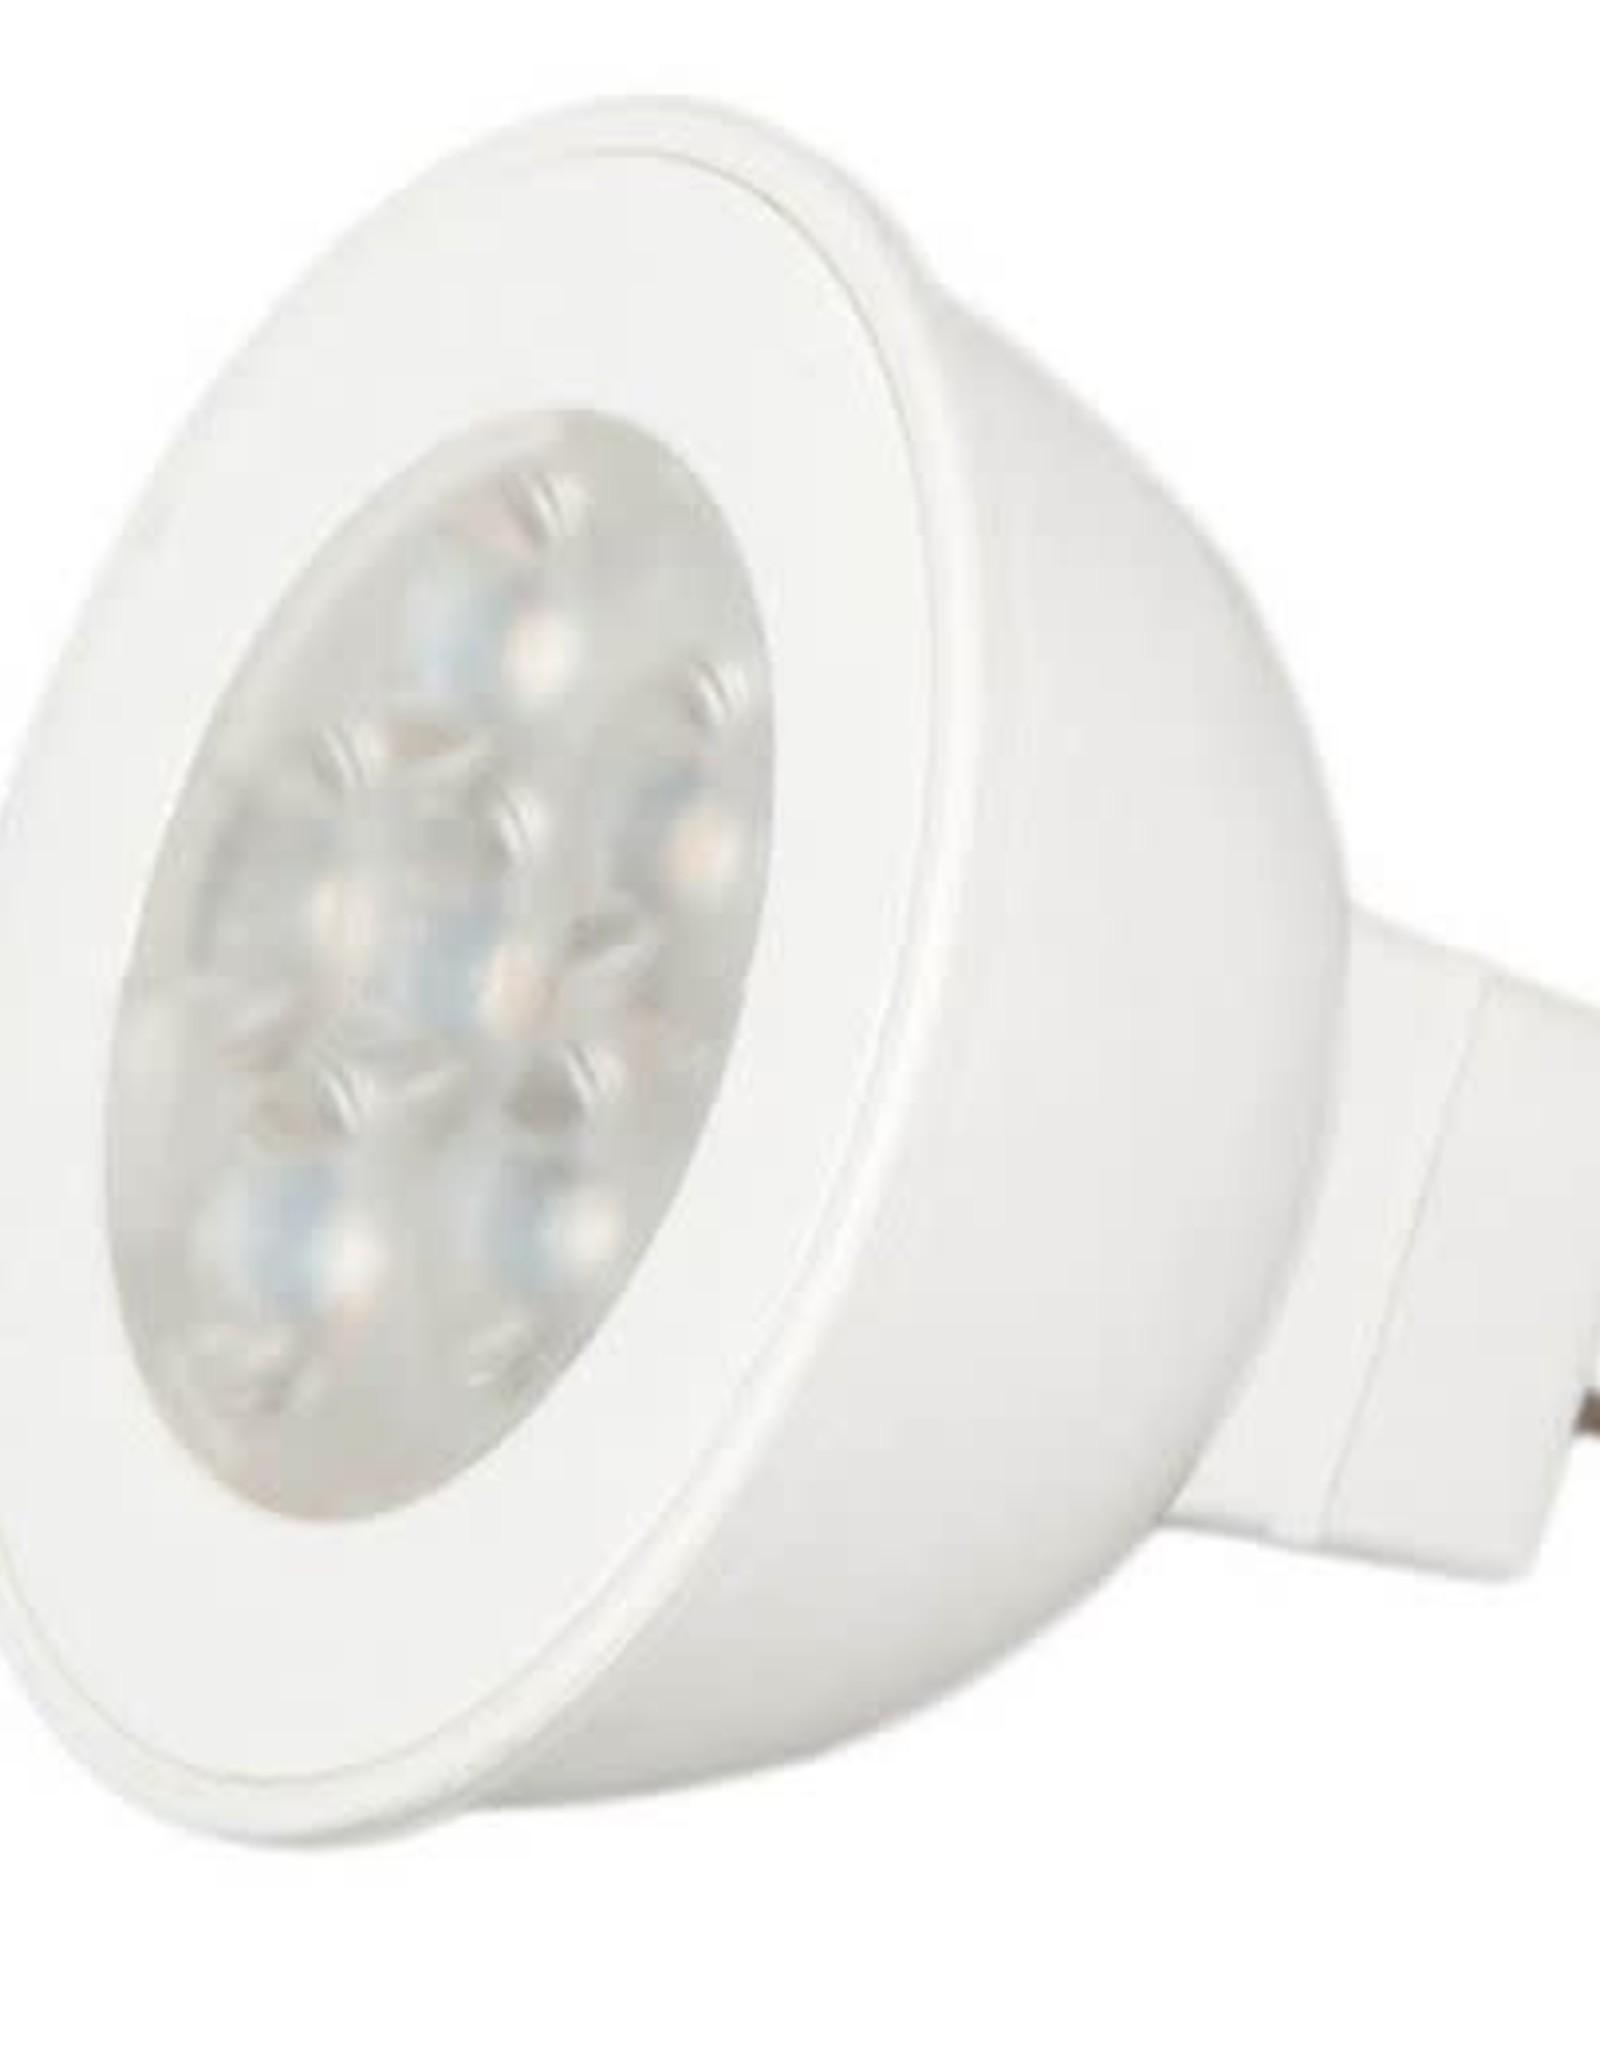 Maxxima 7 Watt MR16 LED Warm White 550 Lumens, 3000K Warm White (2 Pack)